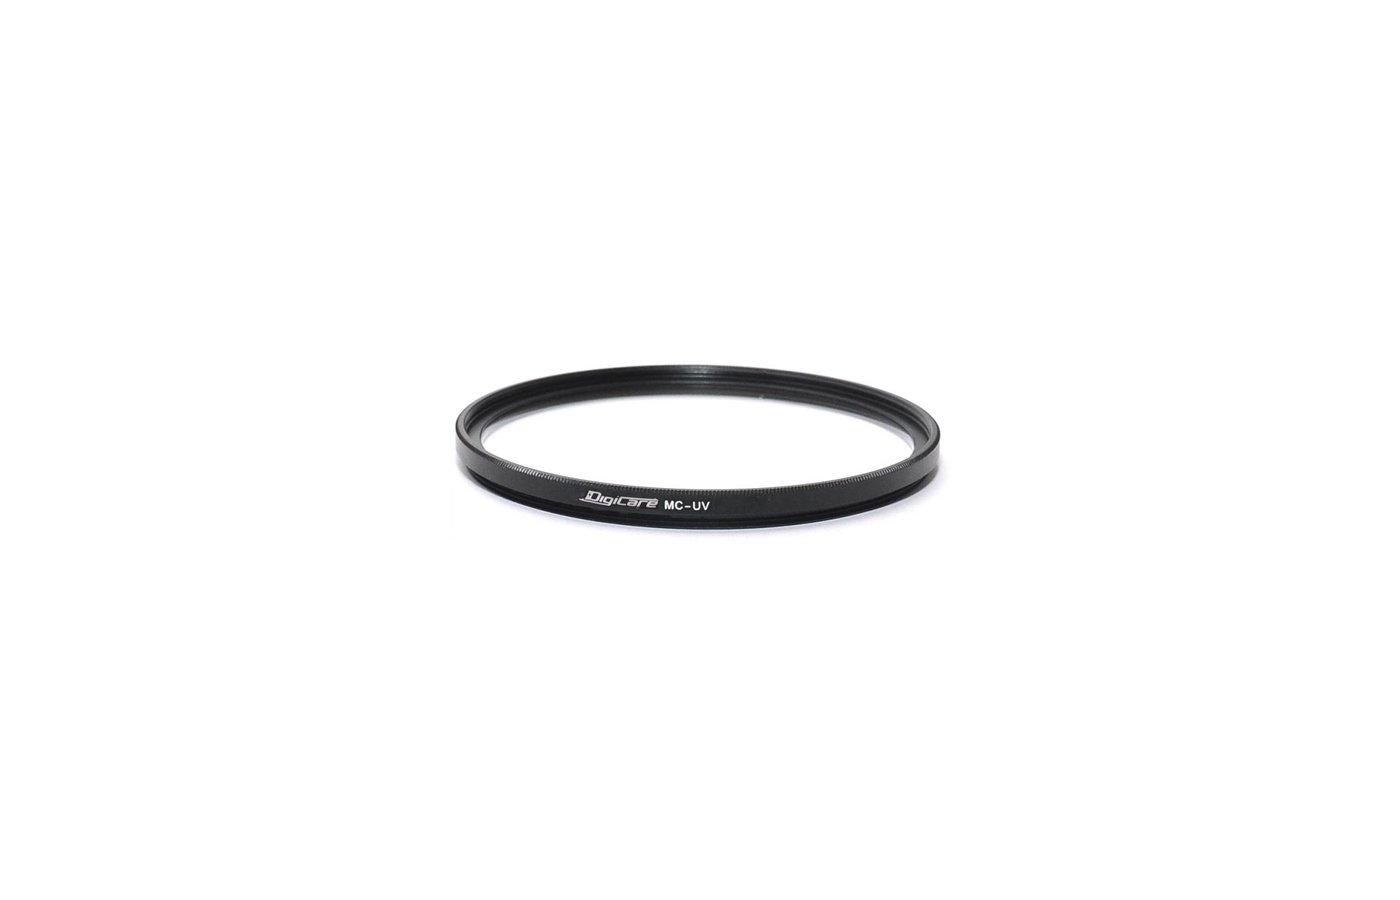 Фильтр DigiCare 49mm MC-UV ультрафиолетовый